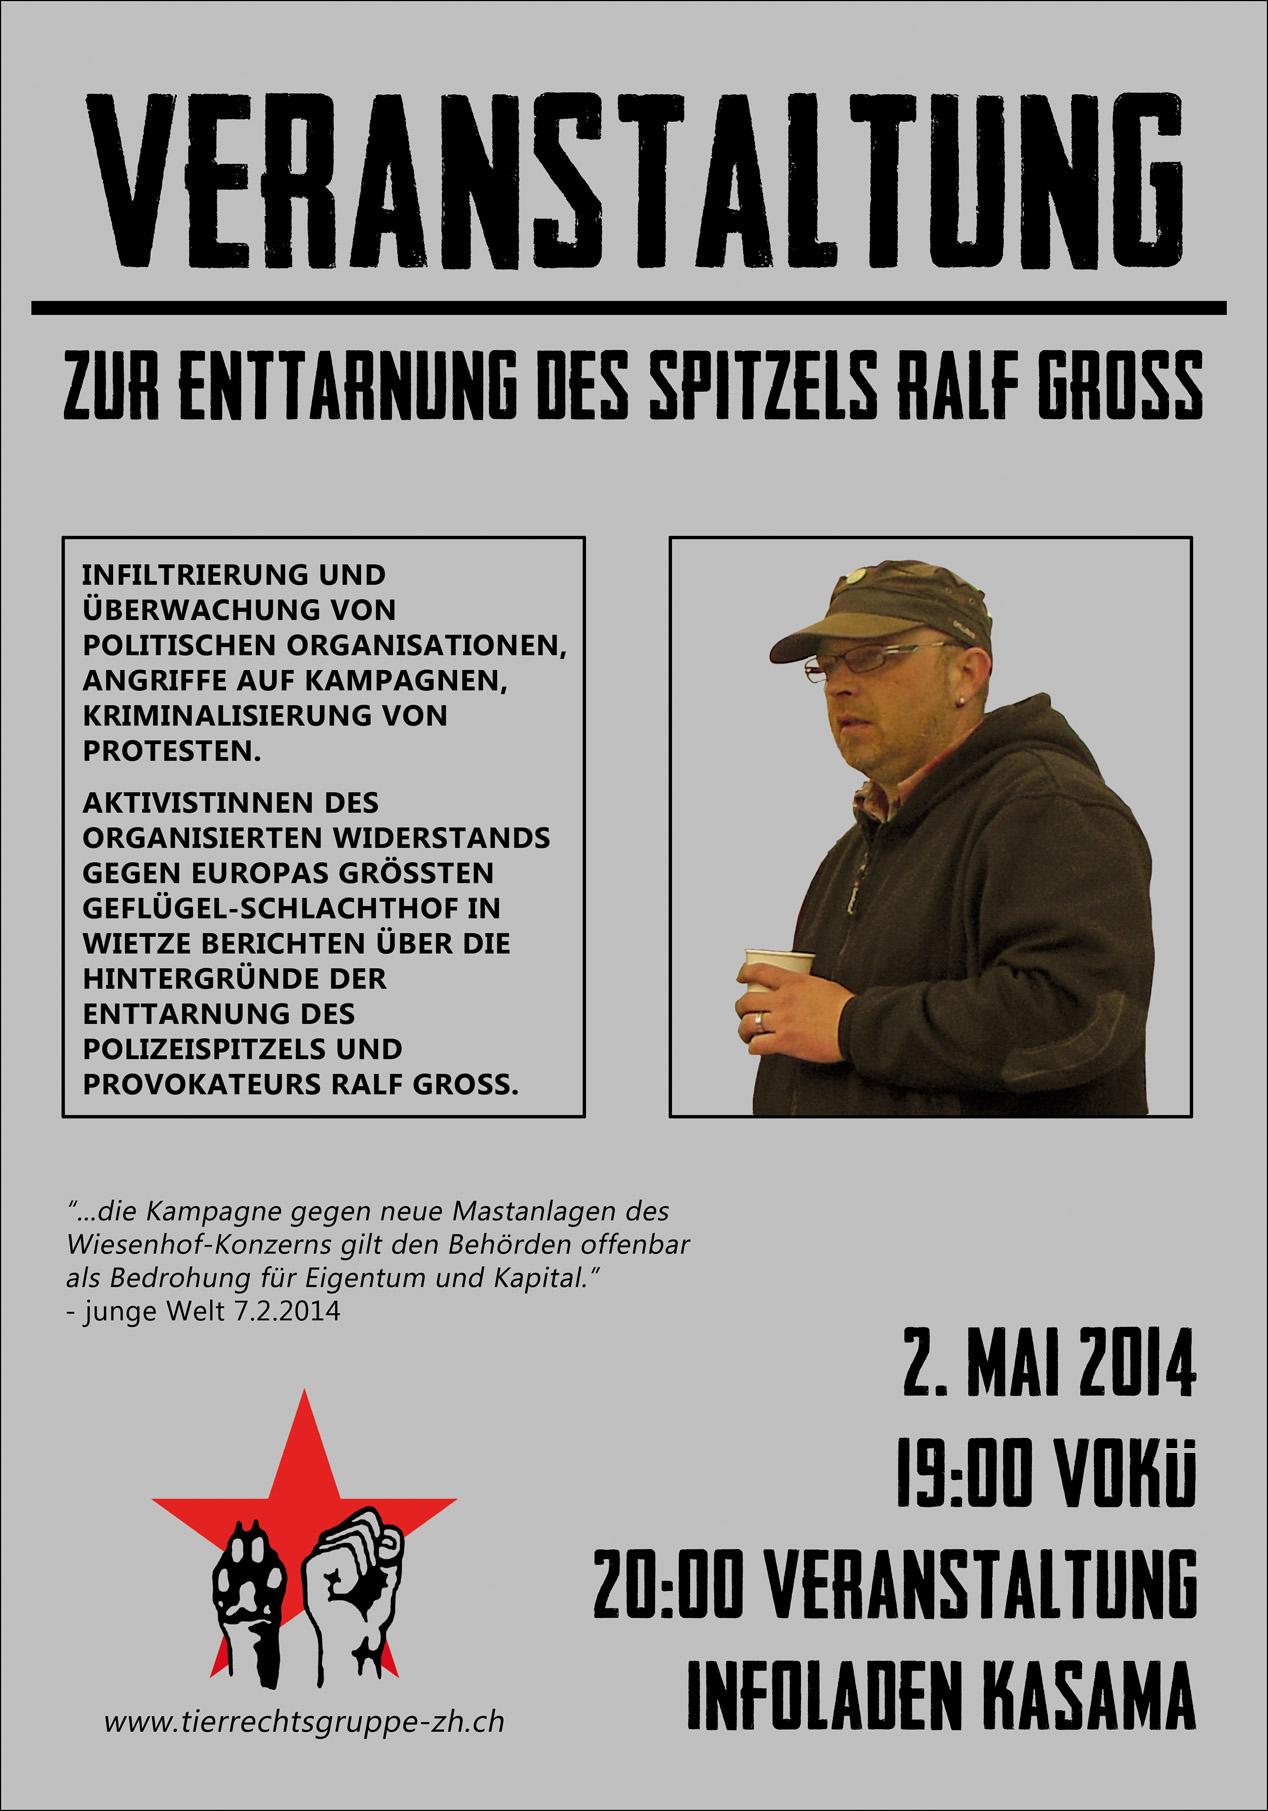 Vortrag Spitzel Enttarnung Wietze Ralf Gross Zürich